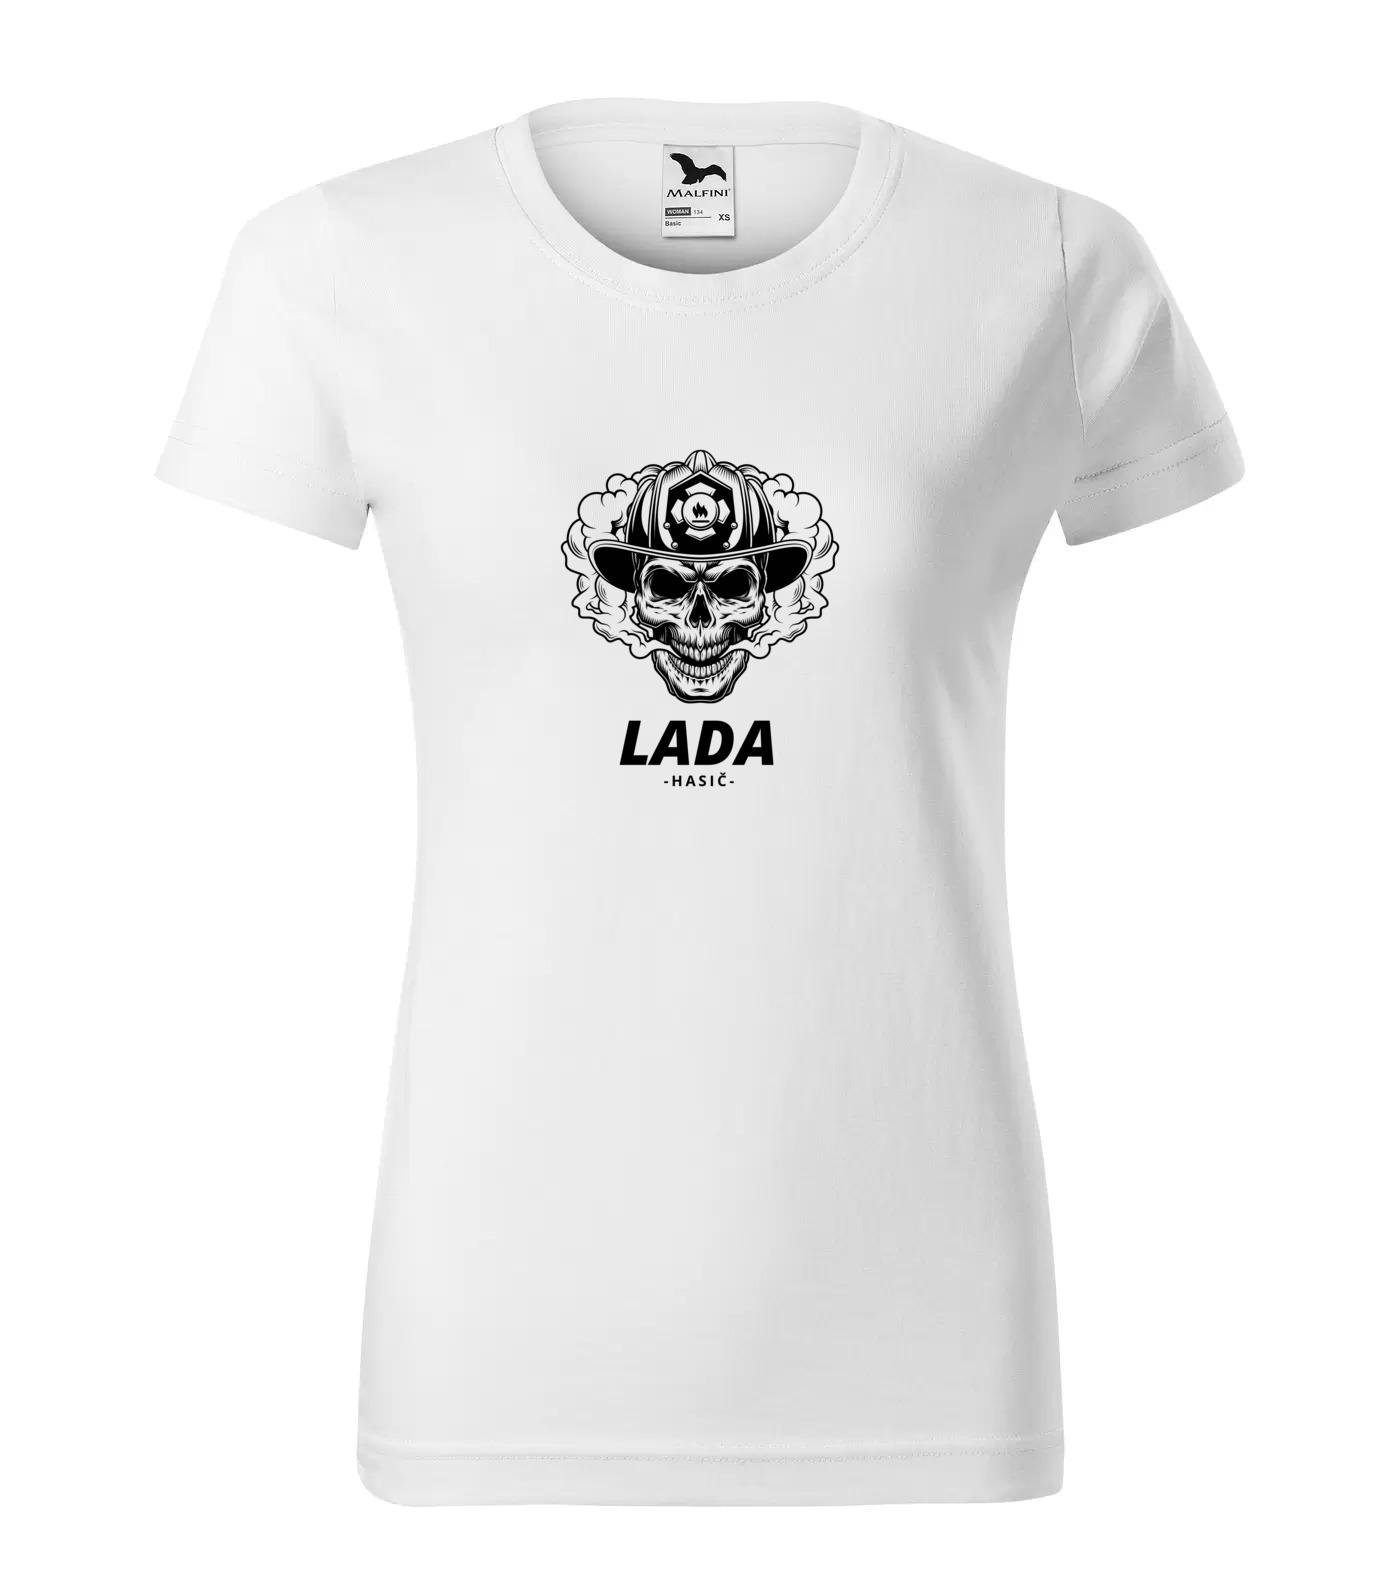 Tričko Hasič Lada